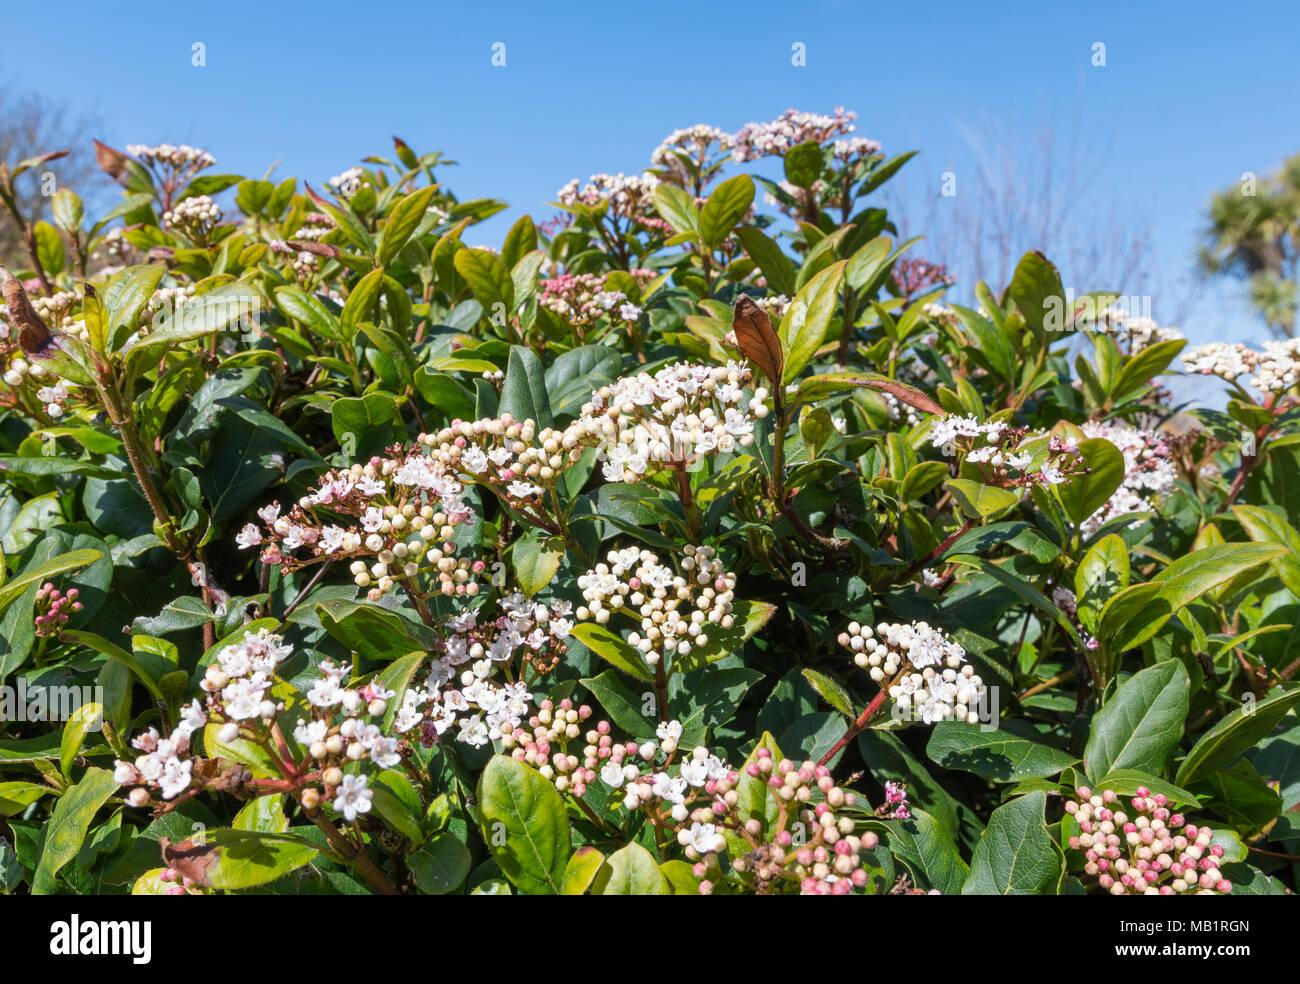 Viburnum Tinus Bush Laurustinus Viburnum Laurestine Starting To